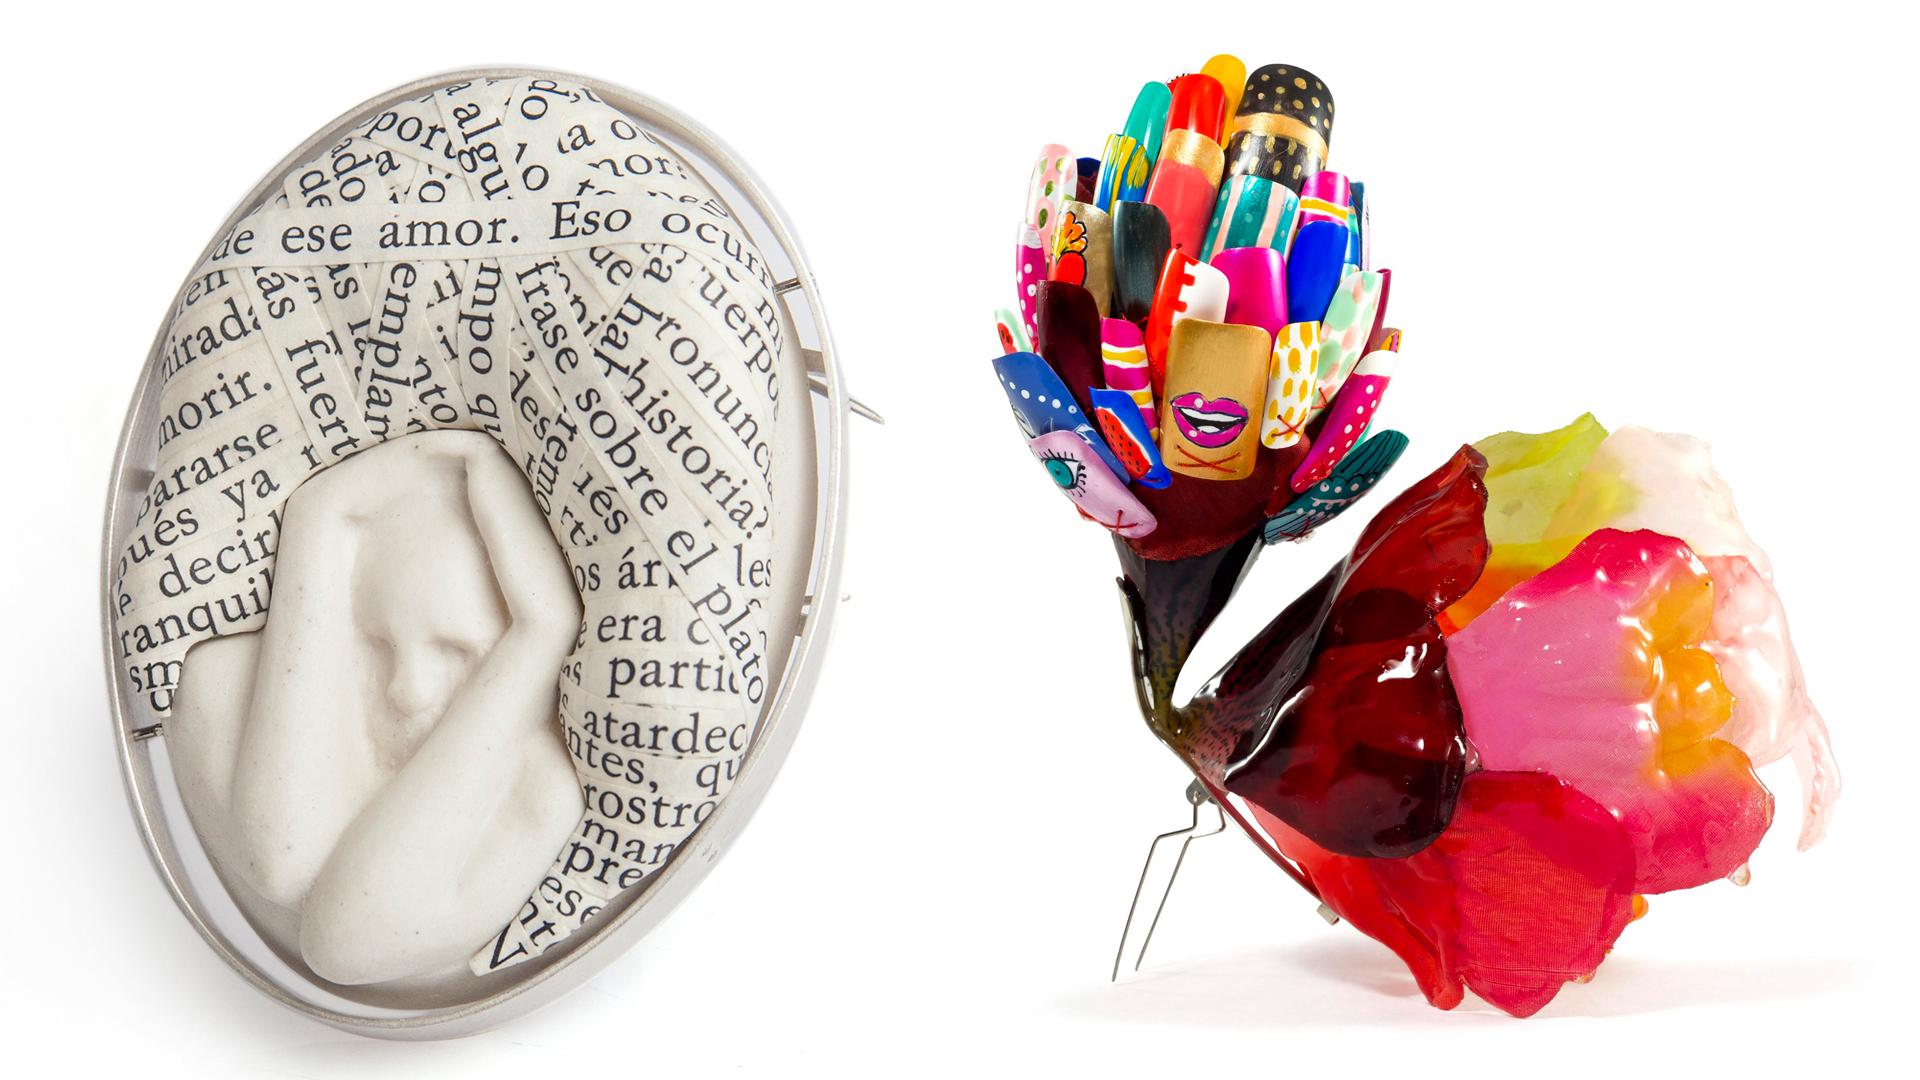 Dos piezas de la II Bienal de Joyería